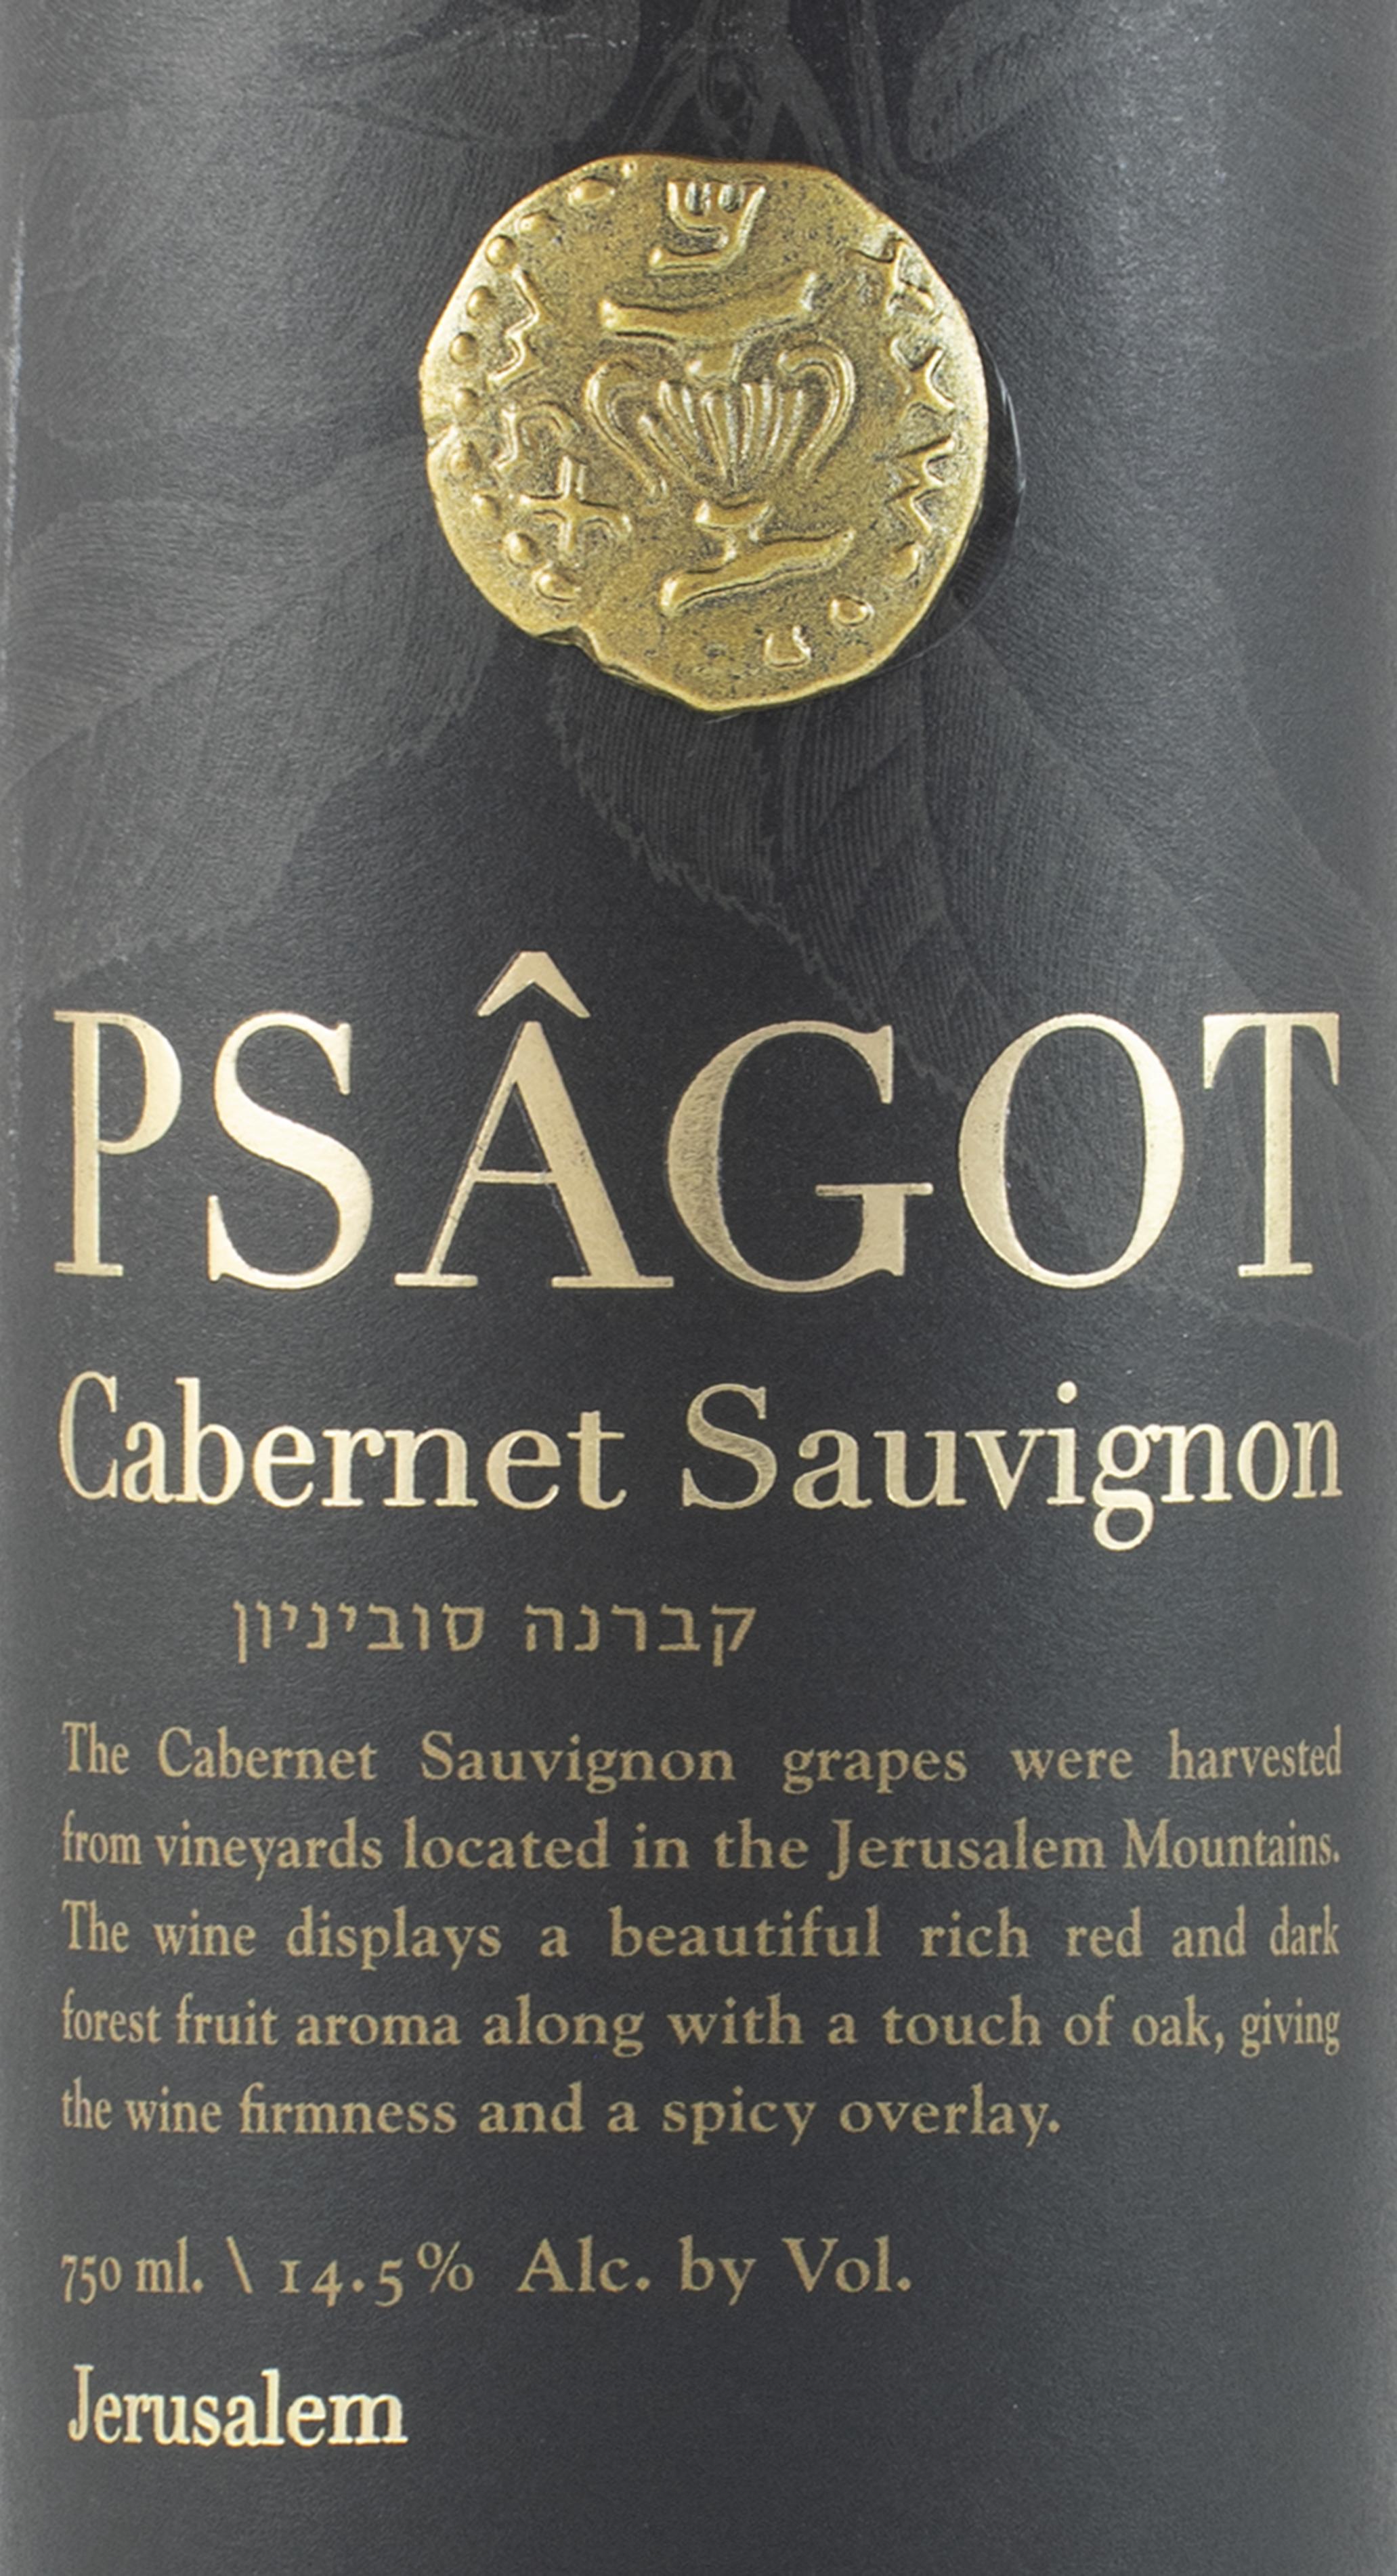 Psagot Cabernet Sauvignon Jerusalem Hils Mevushal